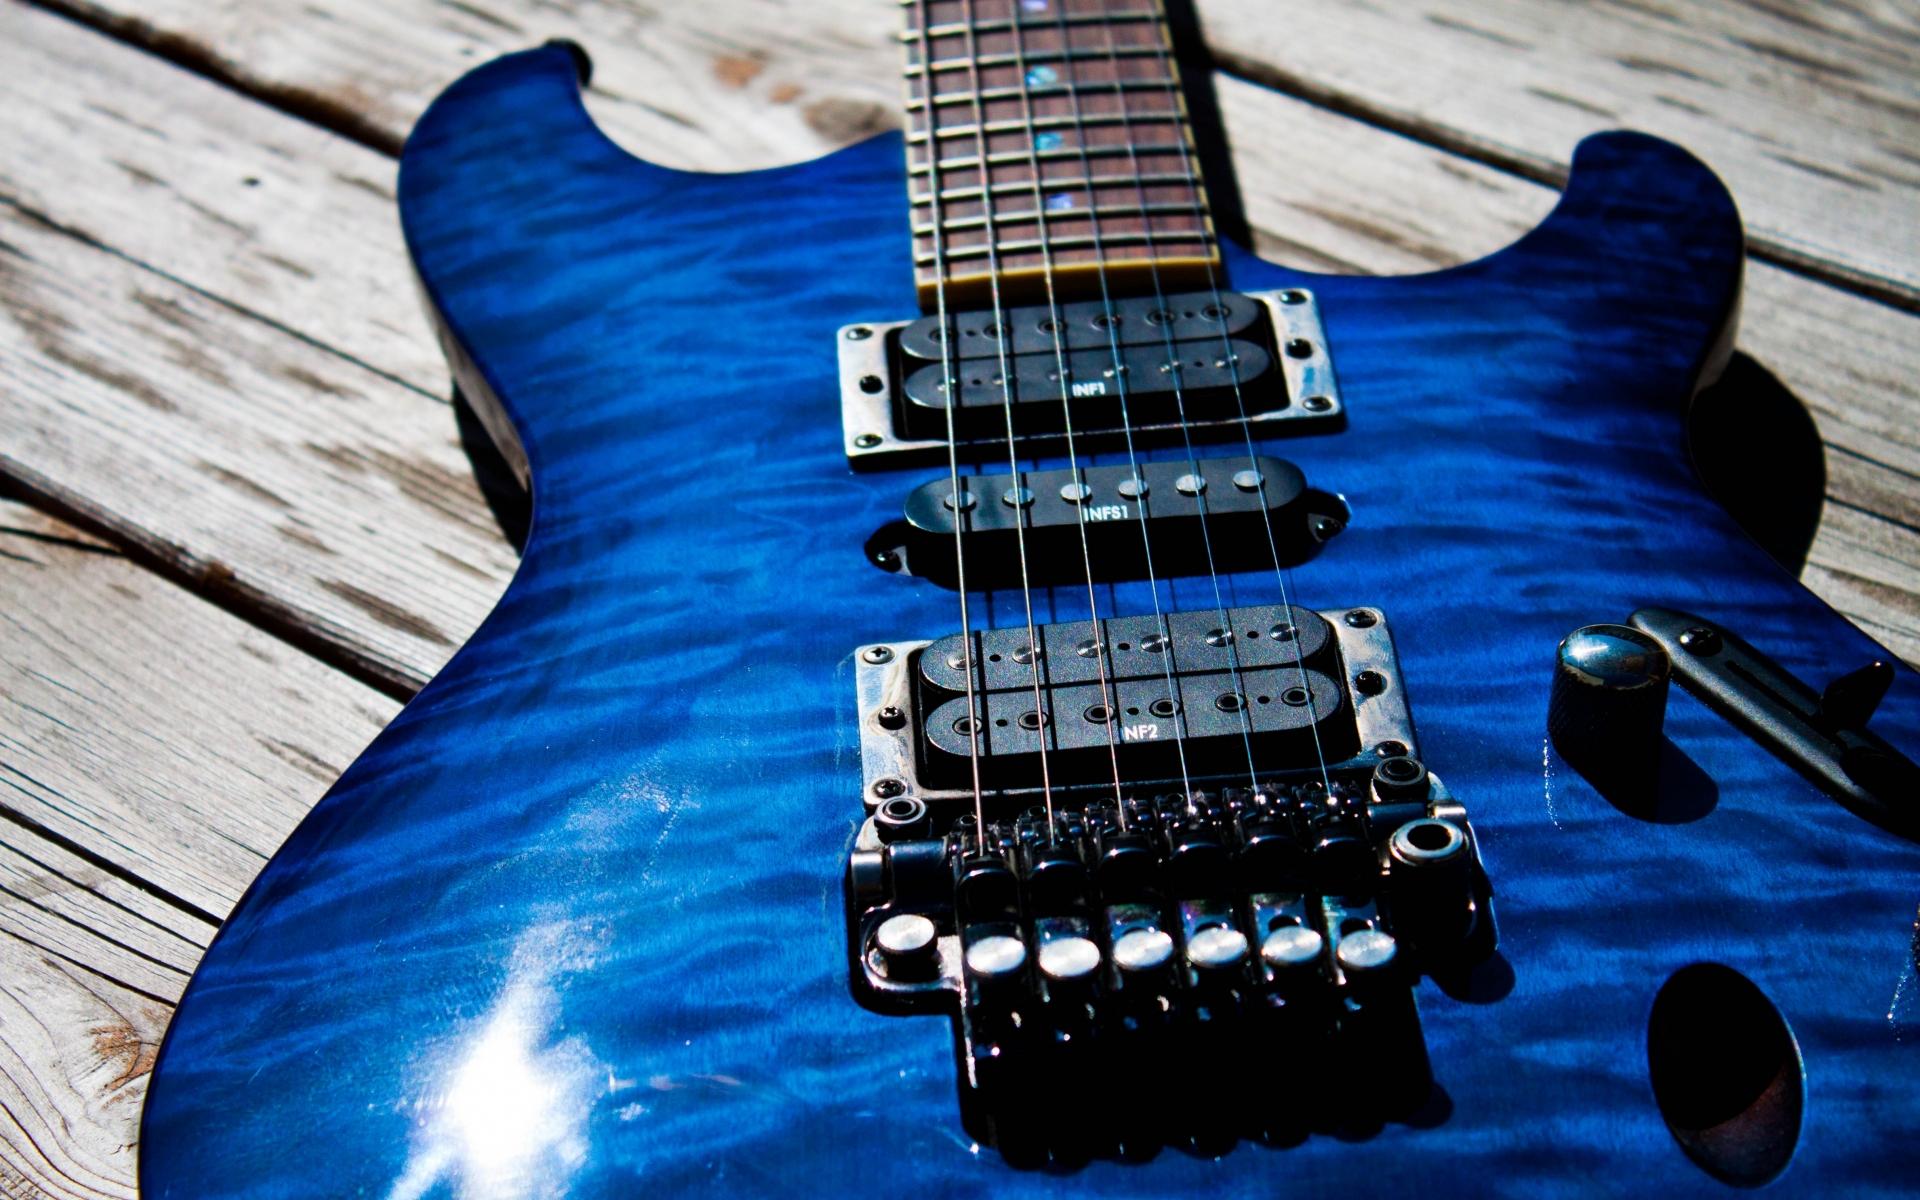 Ibanez Guitar Hd Wallpaper